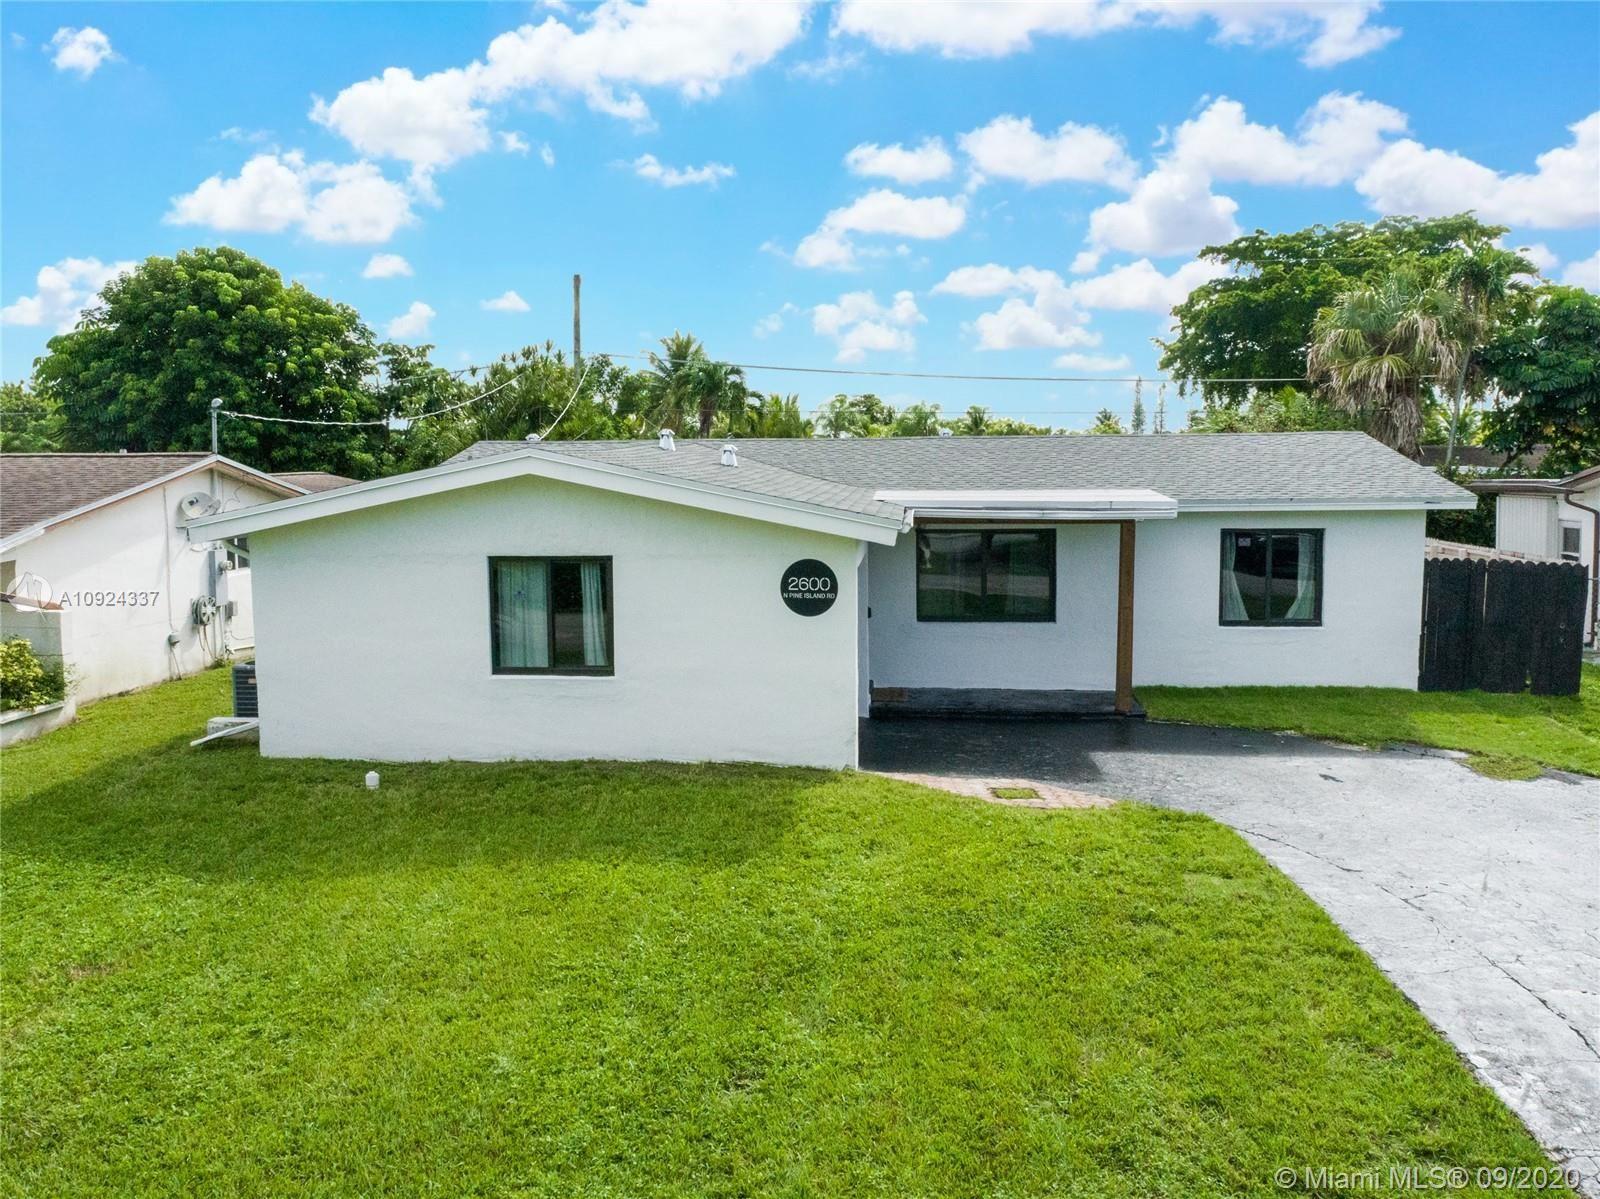 Photo of 2600 N Pine Island Rd, Sunrise, FL 33322 (MLS # A10924337)